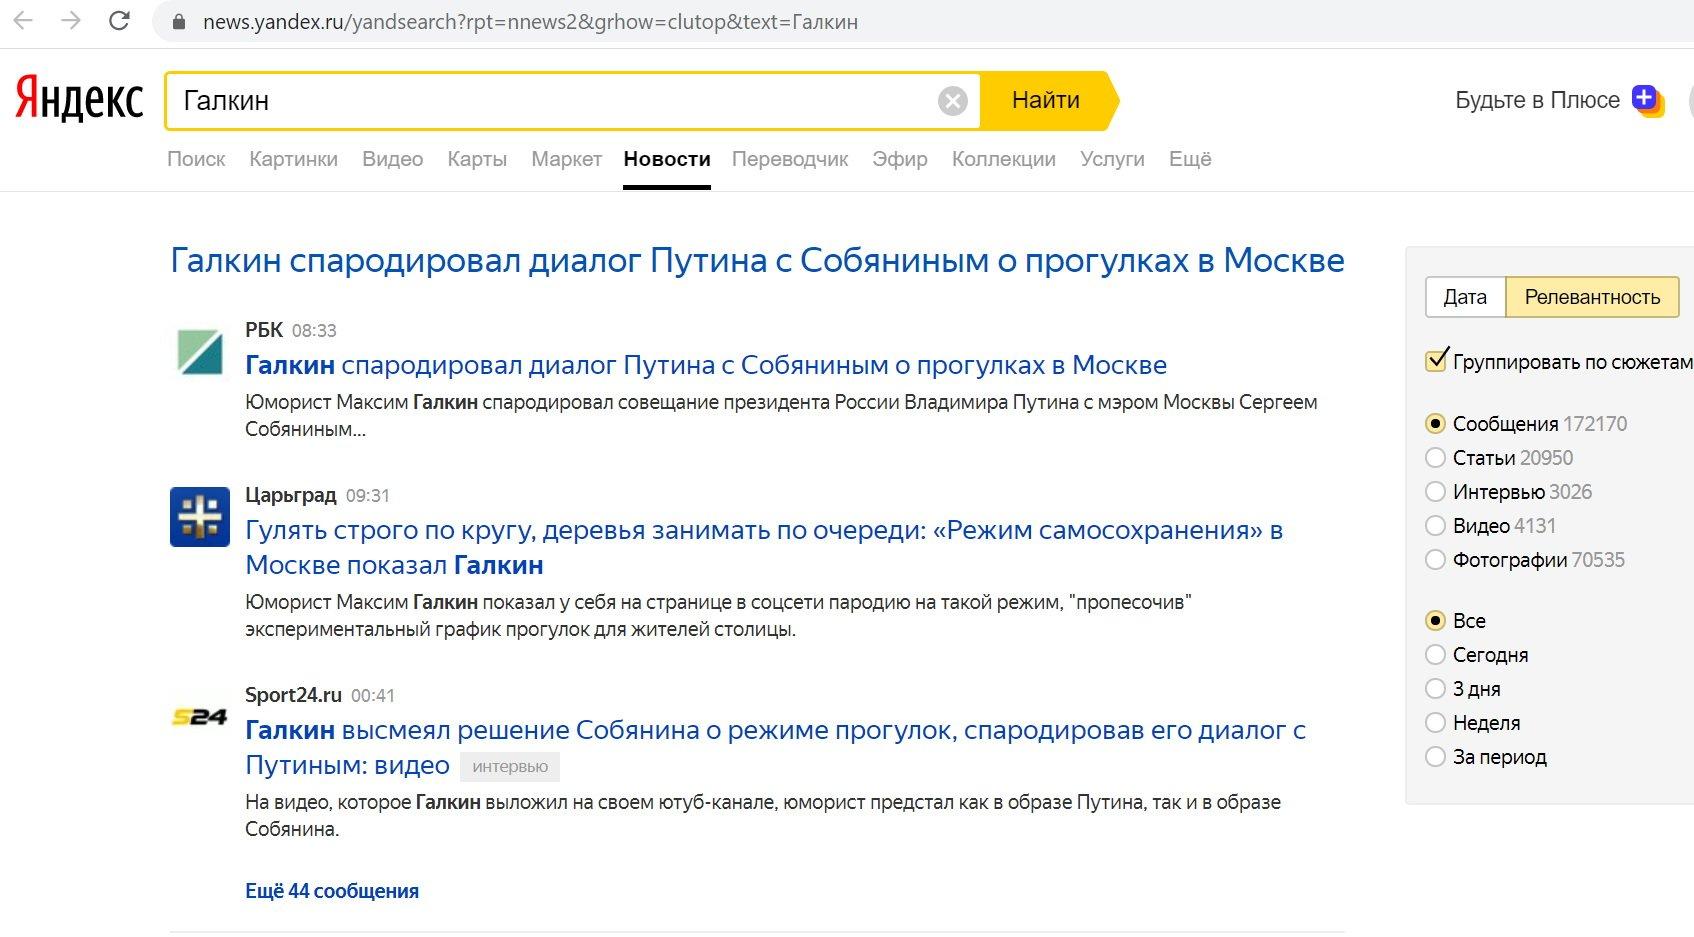 Сюжет Яндекса о пародии Галкина на Путина и Собянина